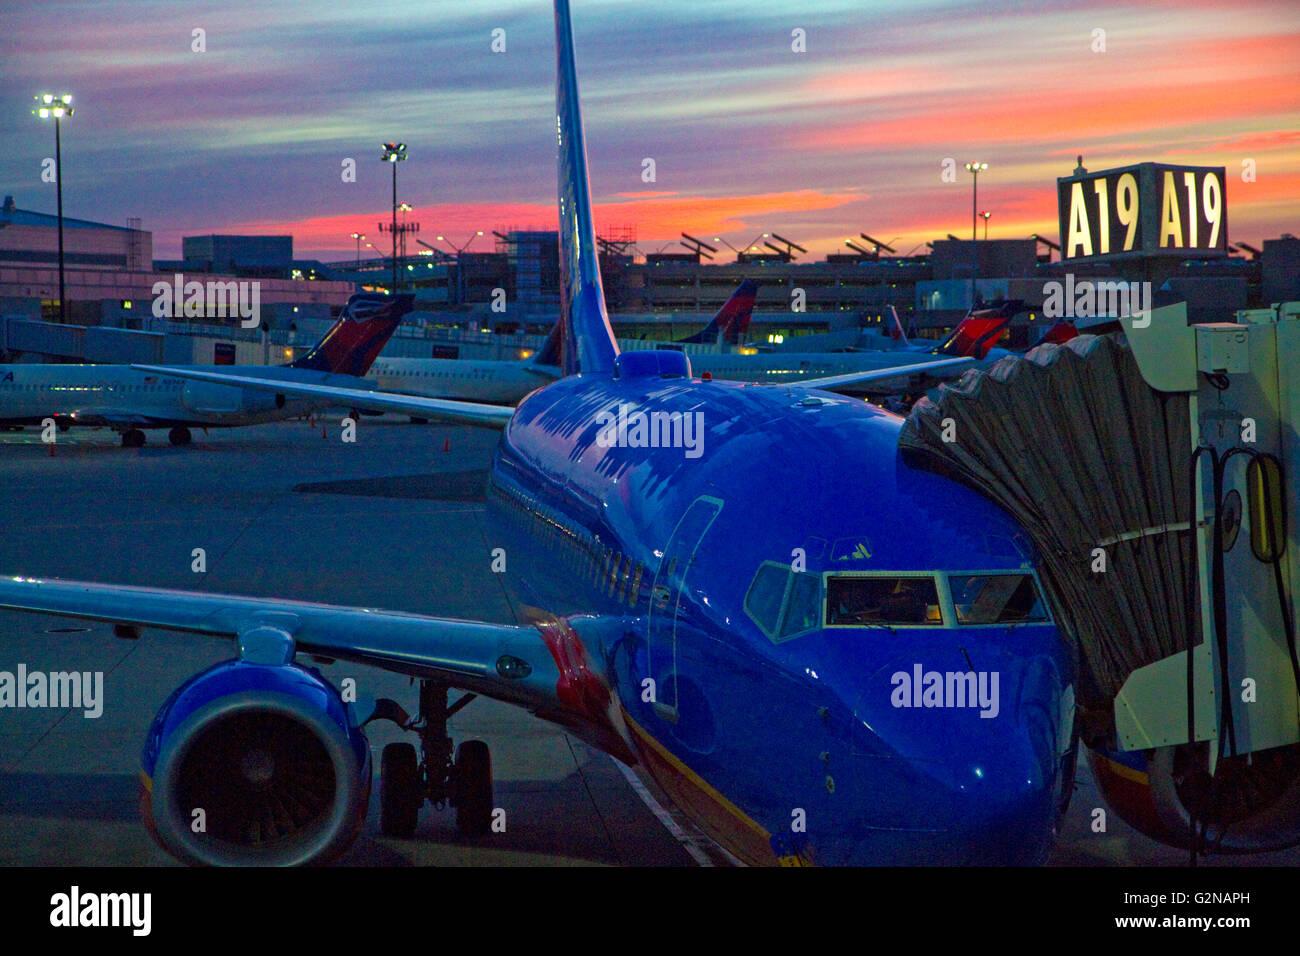 Amanecer sobre un avión en el Aeropuerto Internacional Logan en East Boston, Massachusetts, EE.UU. Imagen De Stock